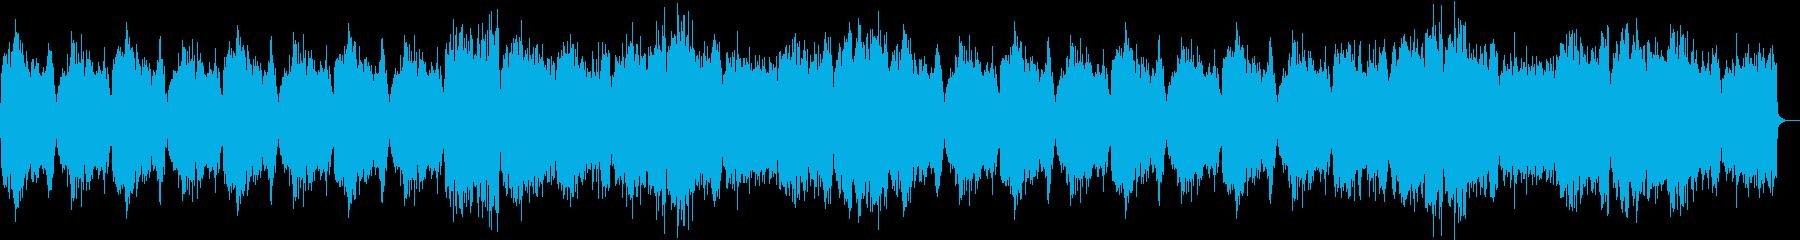 近未来的テクスチャー・緊張感閉鎖的閉塞感の再生済みの波形